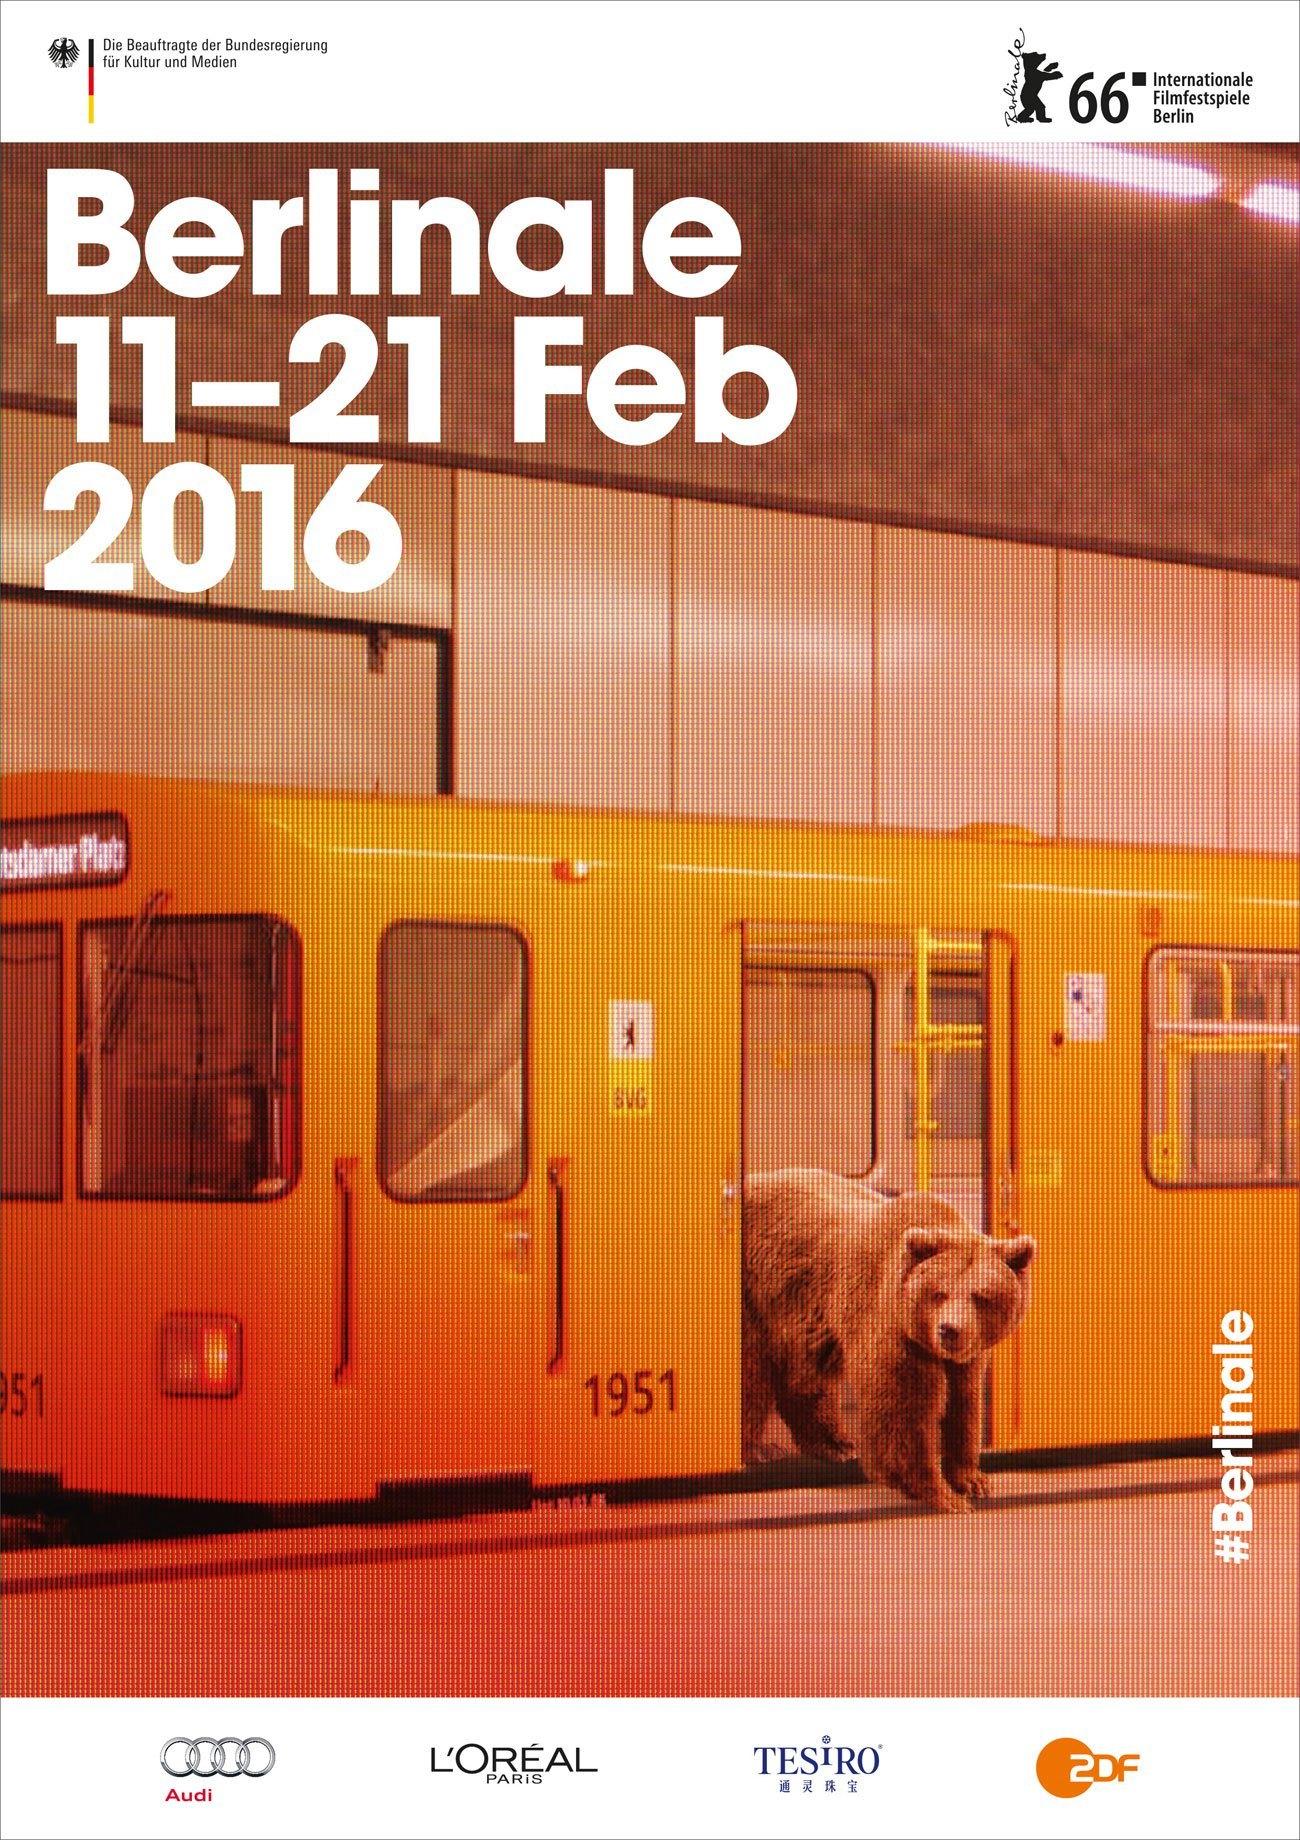 berliner filmfestspiele 2017 ein erster blick culturmag. Black Bedroom Furniture Sets. Home Design Ideas